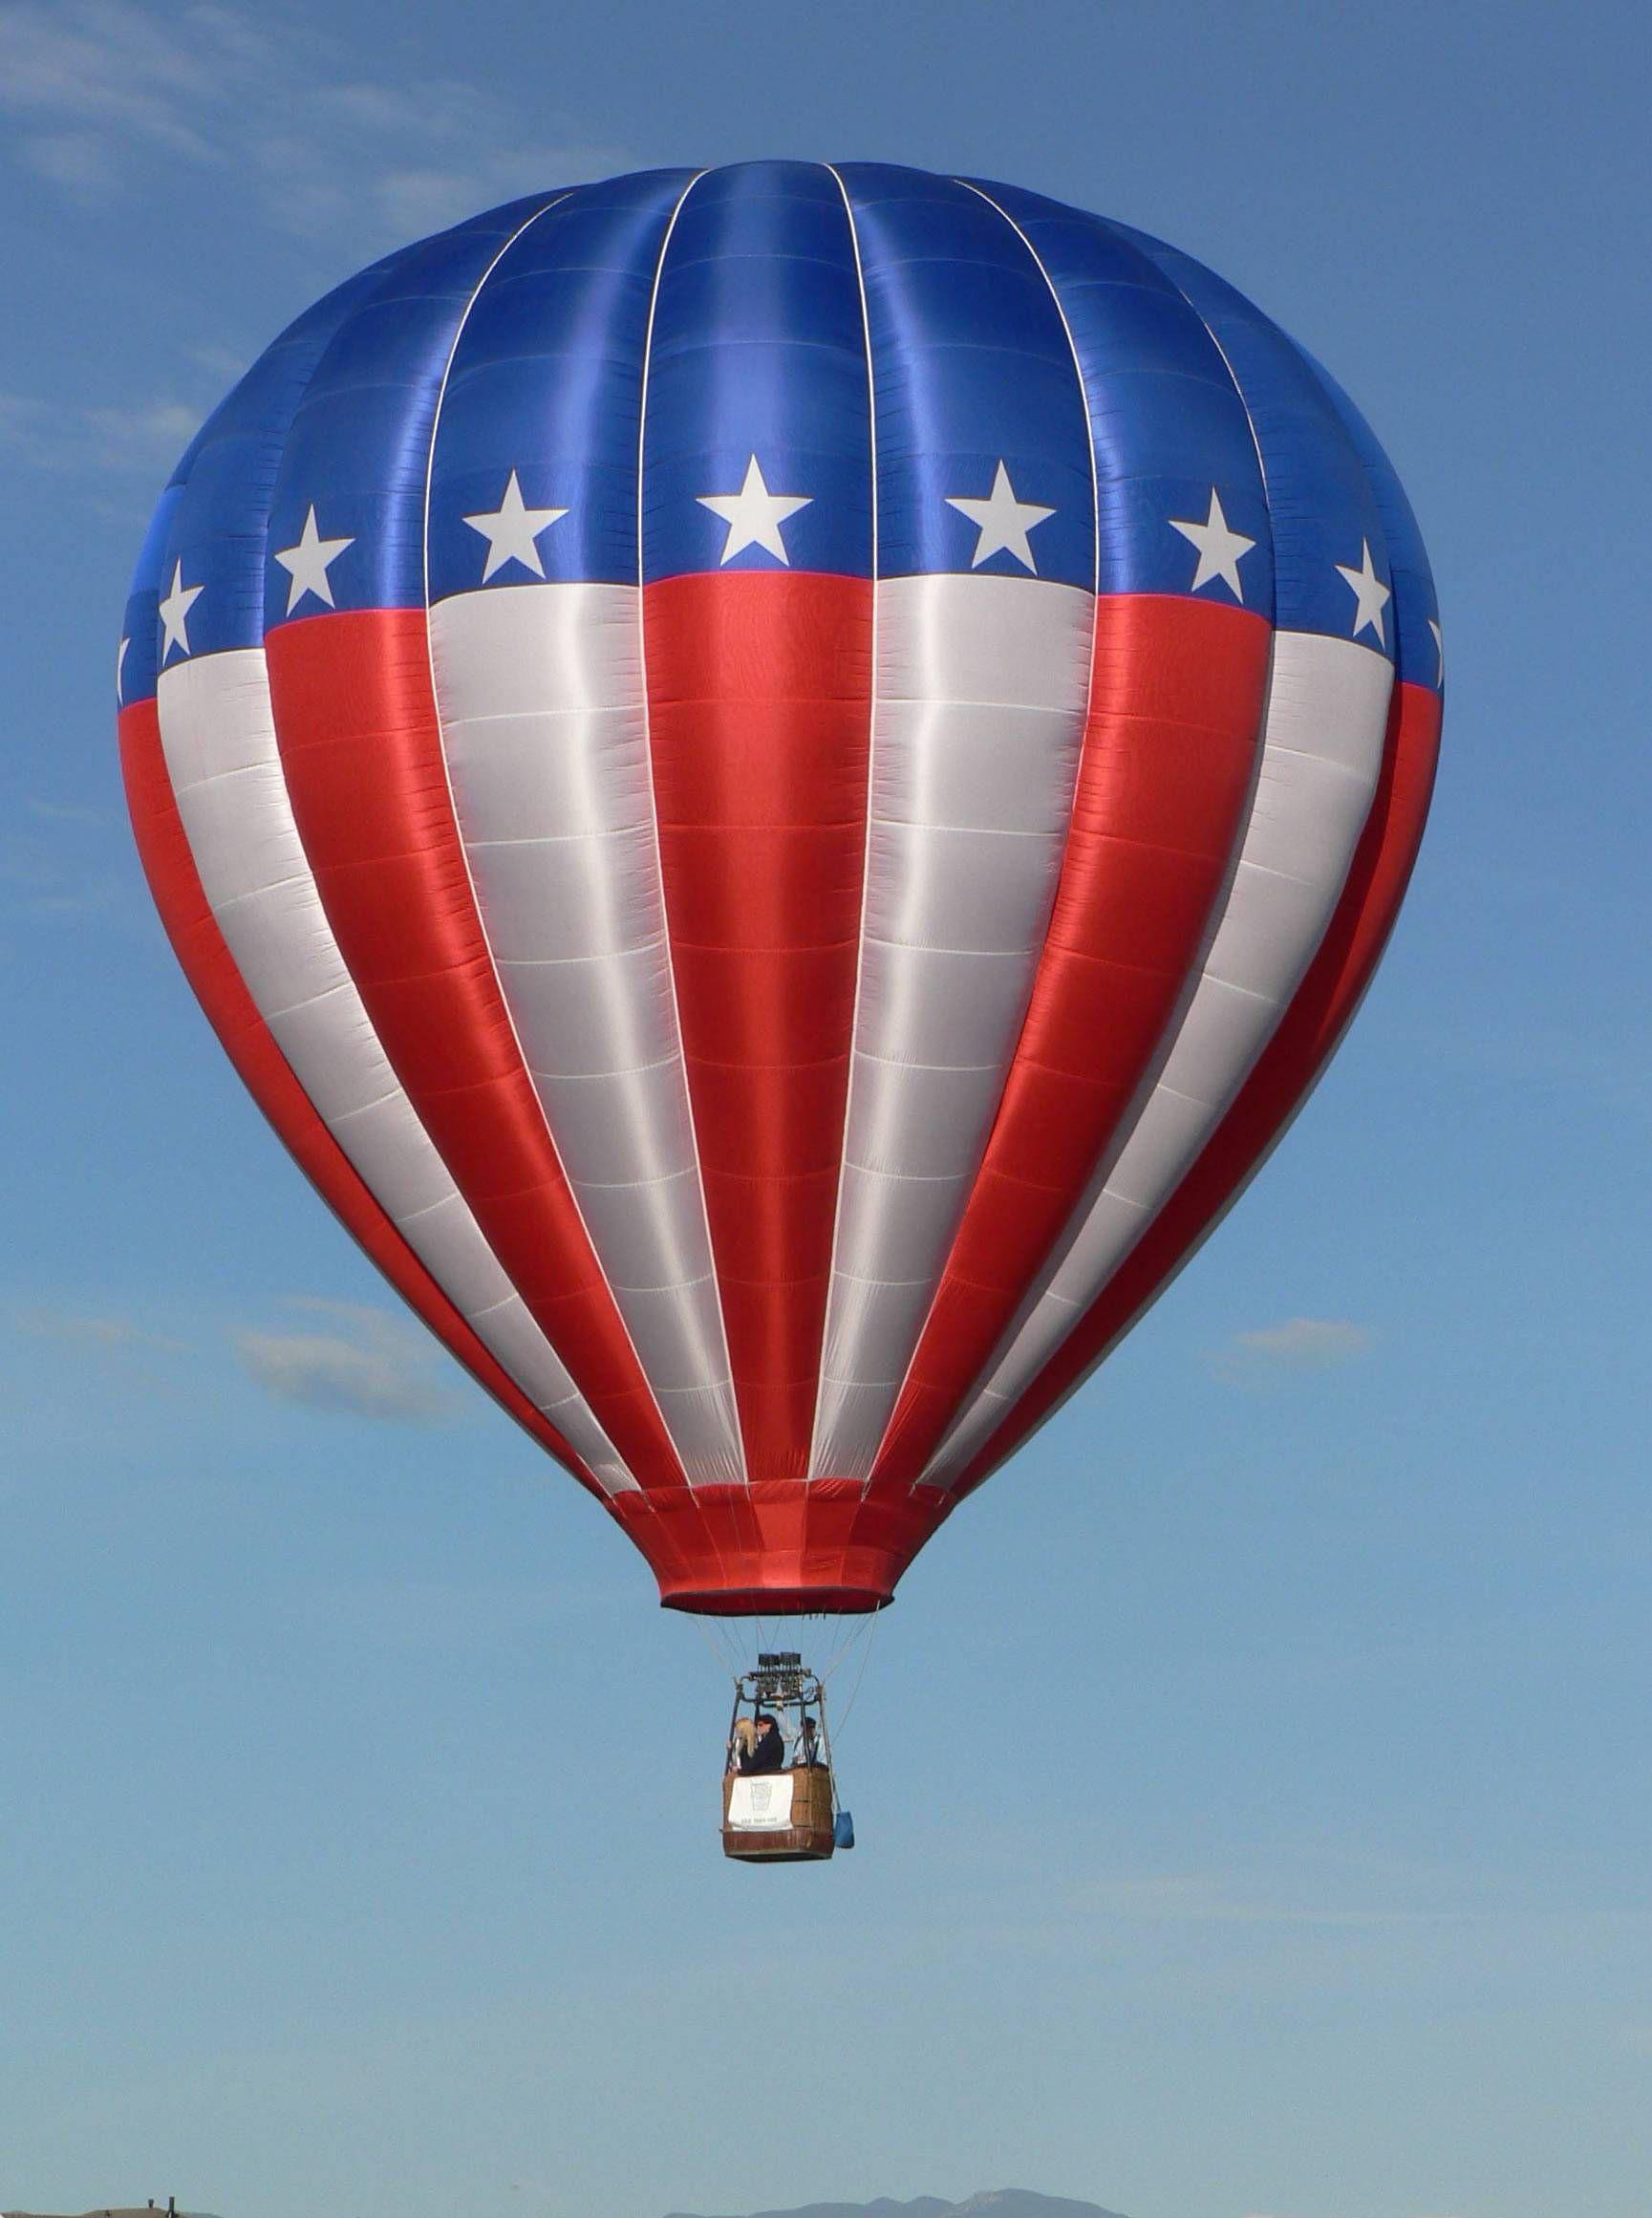 Hot Air Balloon Hot Air Balloon Festival Air Balloon Hot Air Balloon